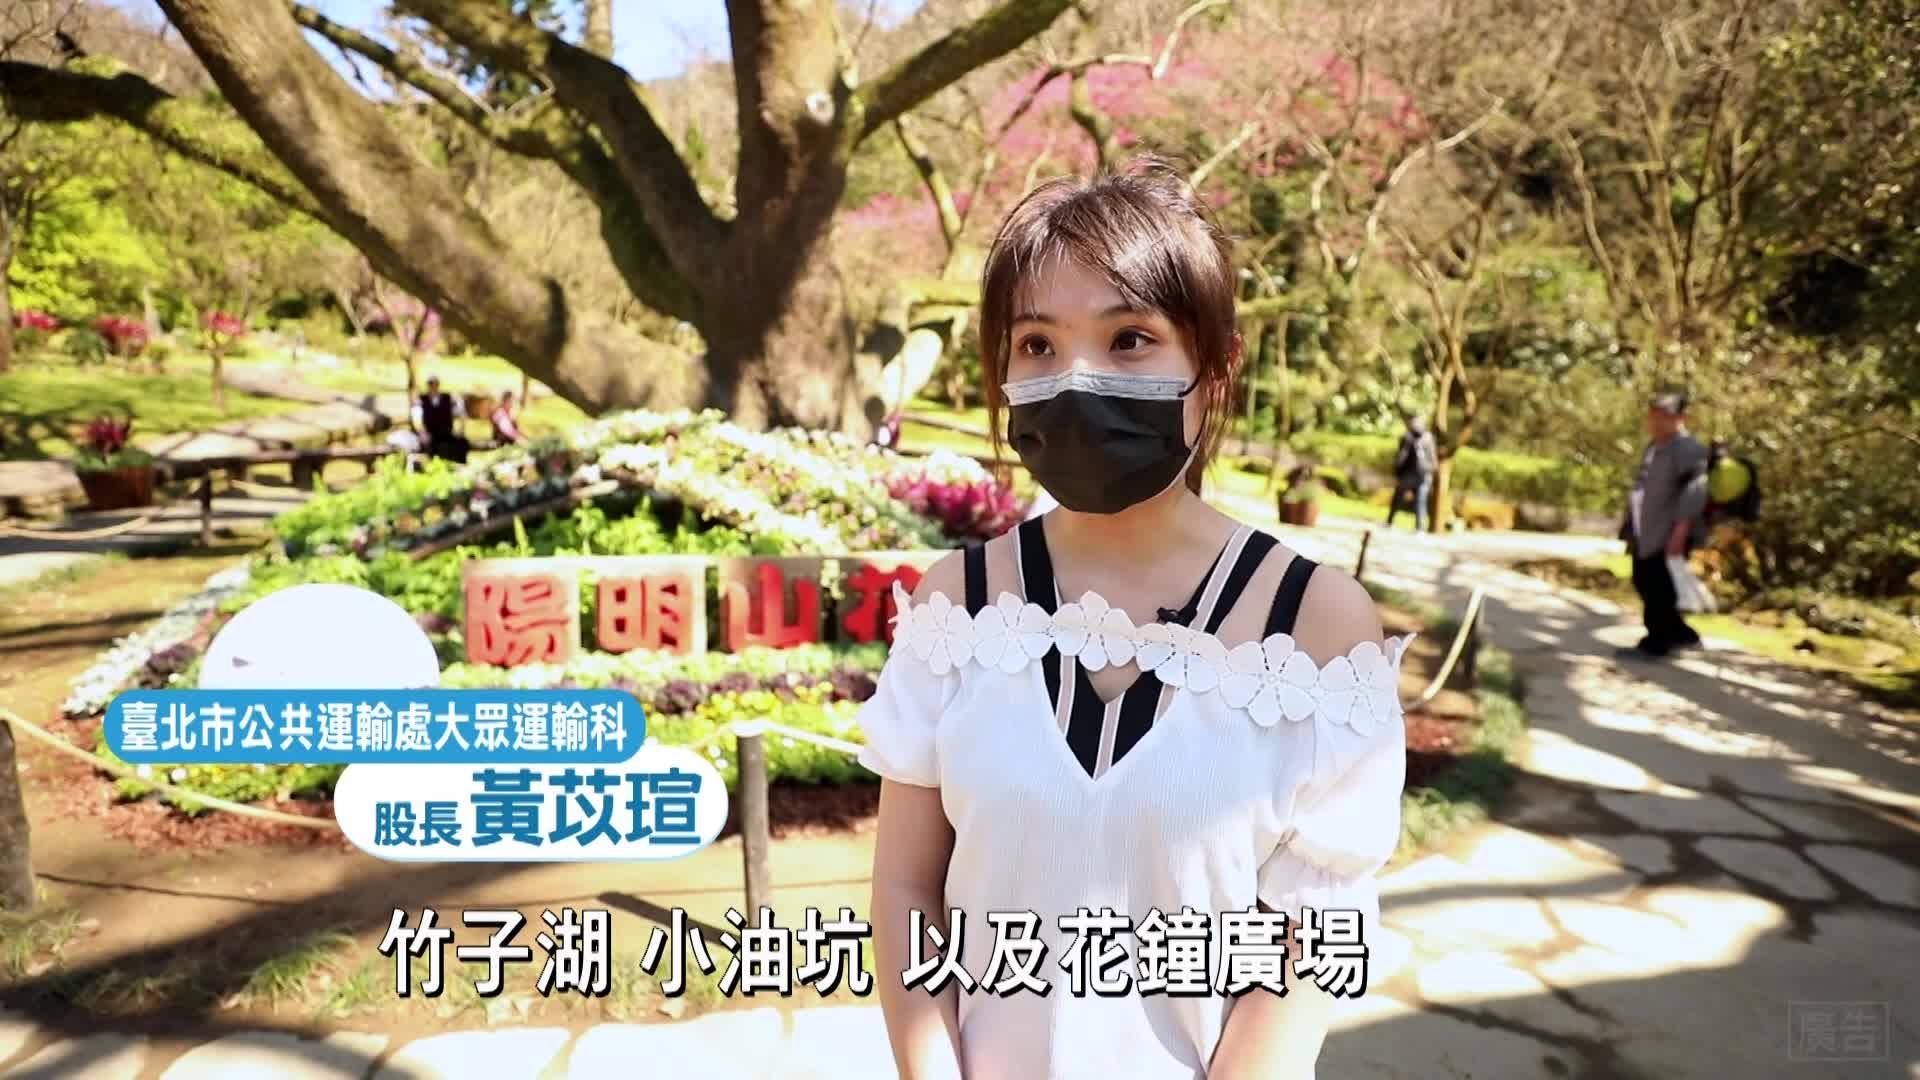 春遊國旅自由行 體驗綠色運輸遊臺北